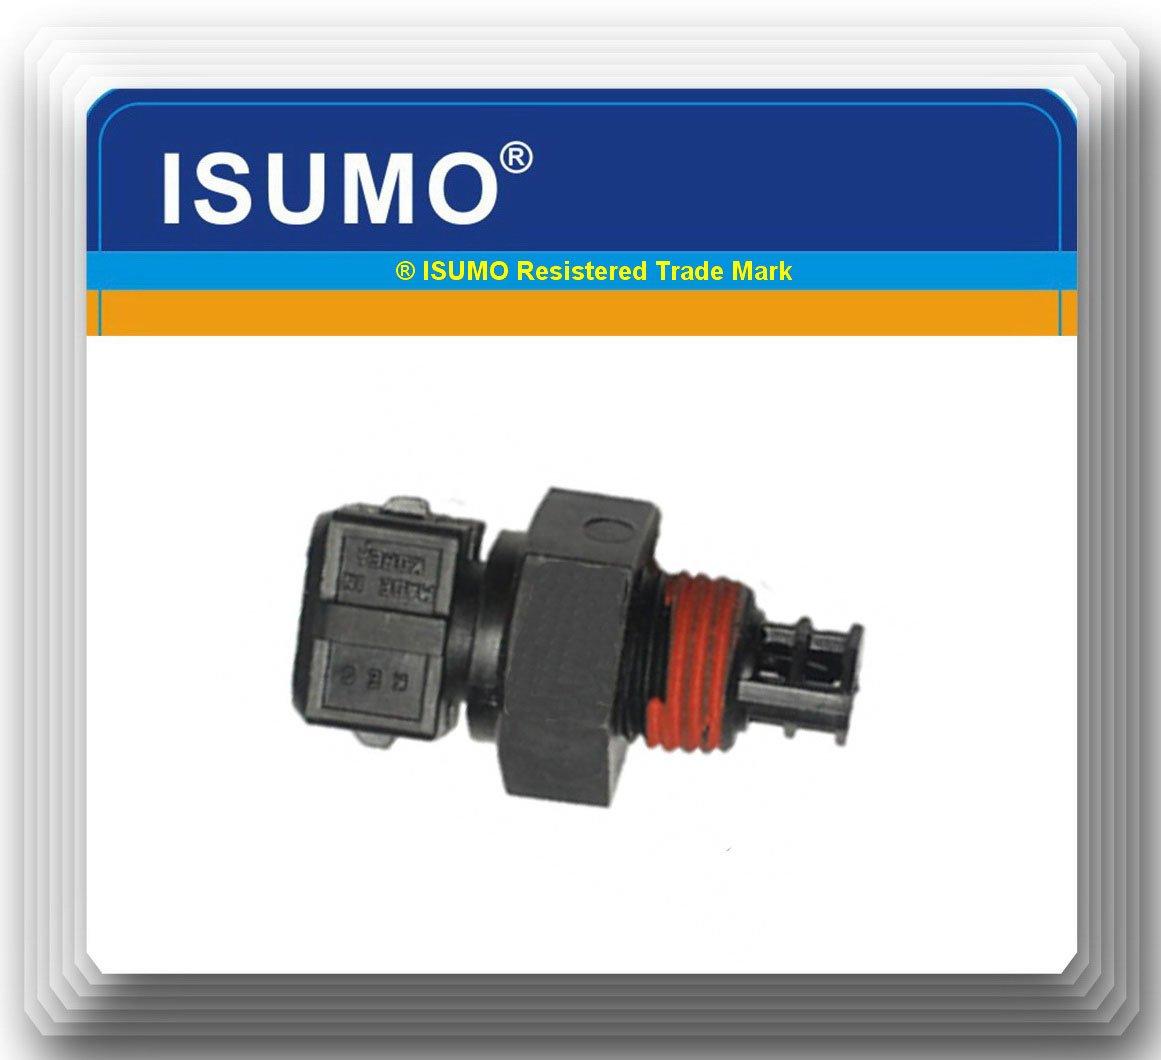 0K2A-B18-831 / AX55 Intake Air Temperature Sensor Fits: Kia Optima (2001-2010) Kia Sephia (1998-2001) Kia Spectra (2000-2001) Kia Sportage (2005-2010) & (1998-2002)